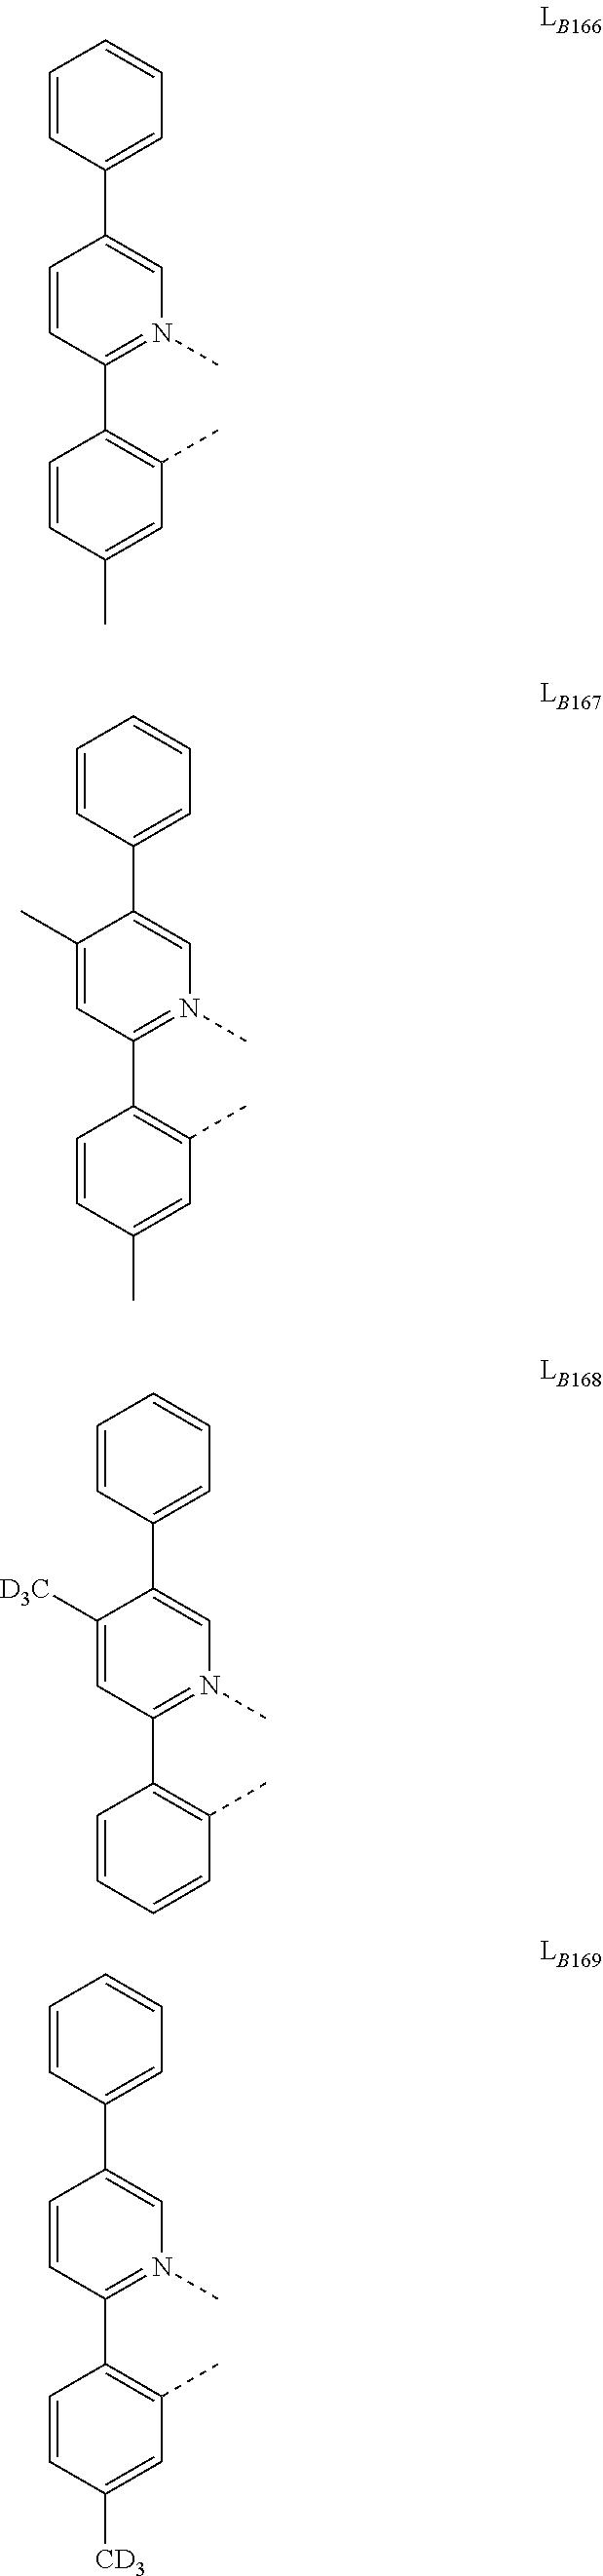 Figure US09929360-20180327-C00250